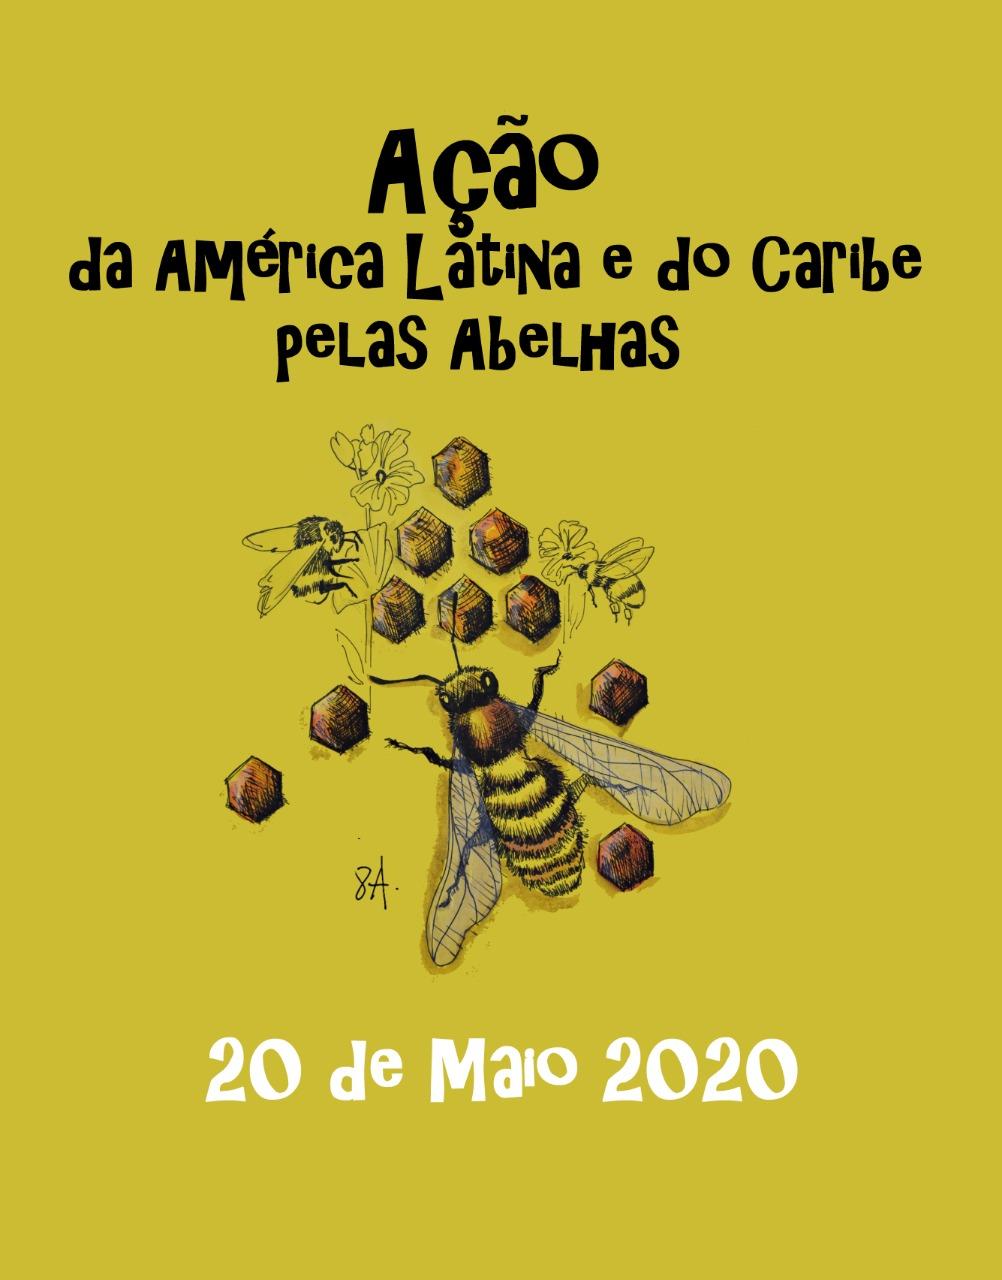 Ir para  <p><big>Expediente: A&ccedil;&atilde;o da Am&eacute;rica Latina e Caribe pelas abelhas.</big></p>  <p><big>Data: 20 de maio de 2020 - Quarta- feira, 20:00hs (Hor&aacute;rio de...